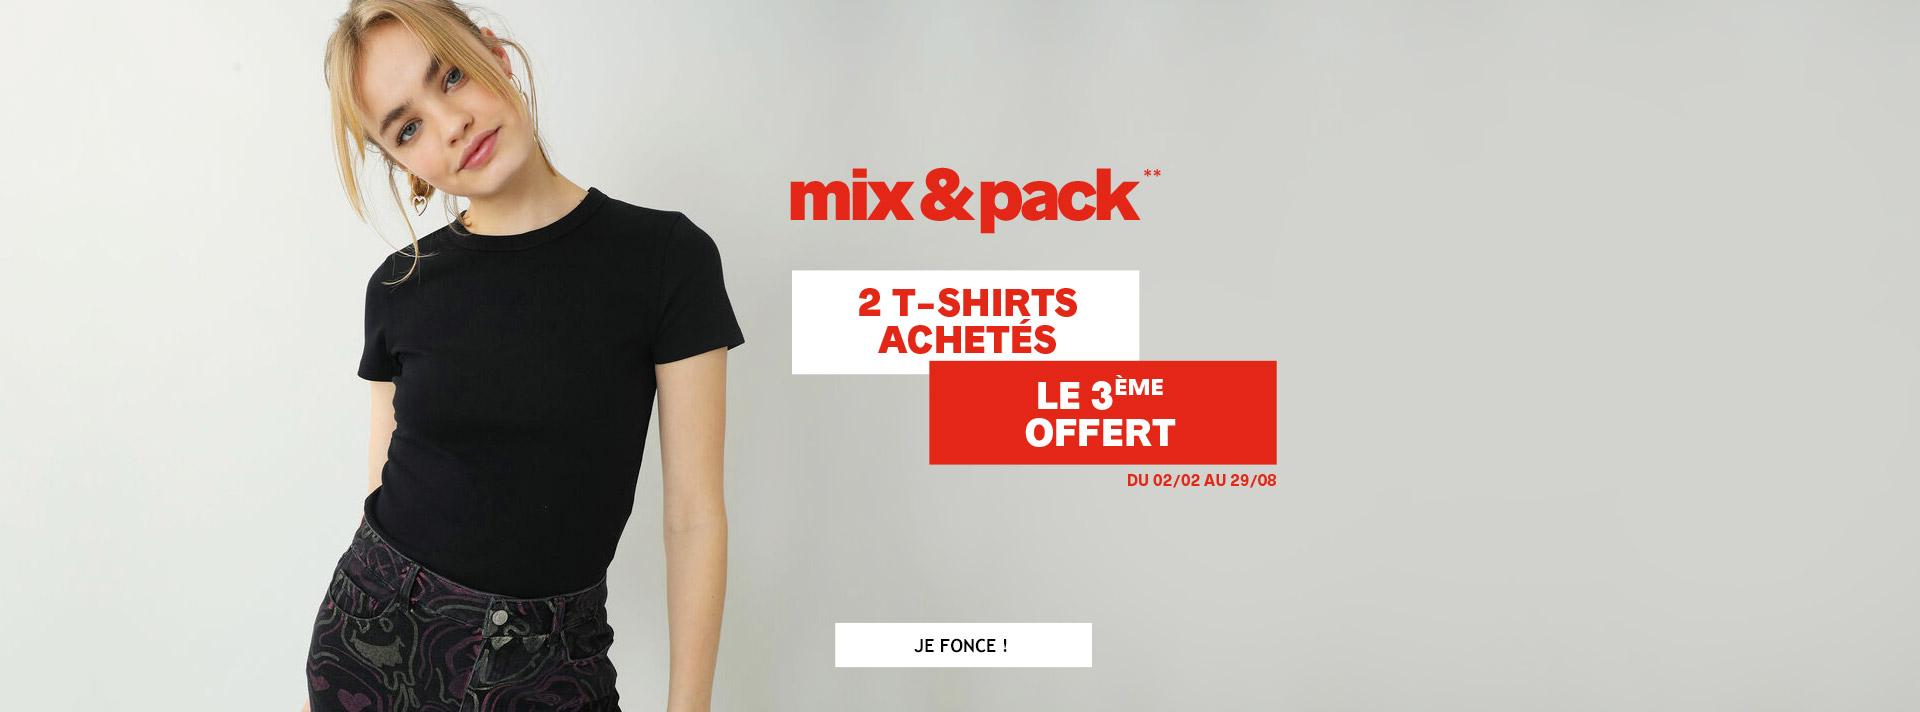 Mix & pack 2 tshirts achetés le 3ème offert